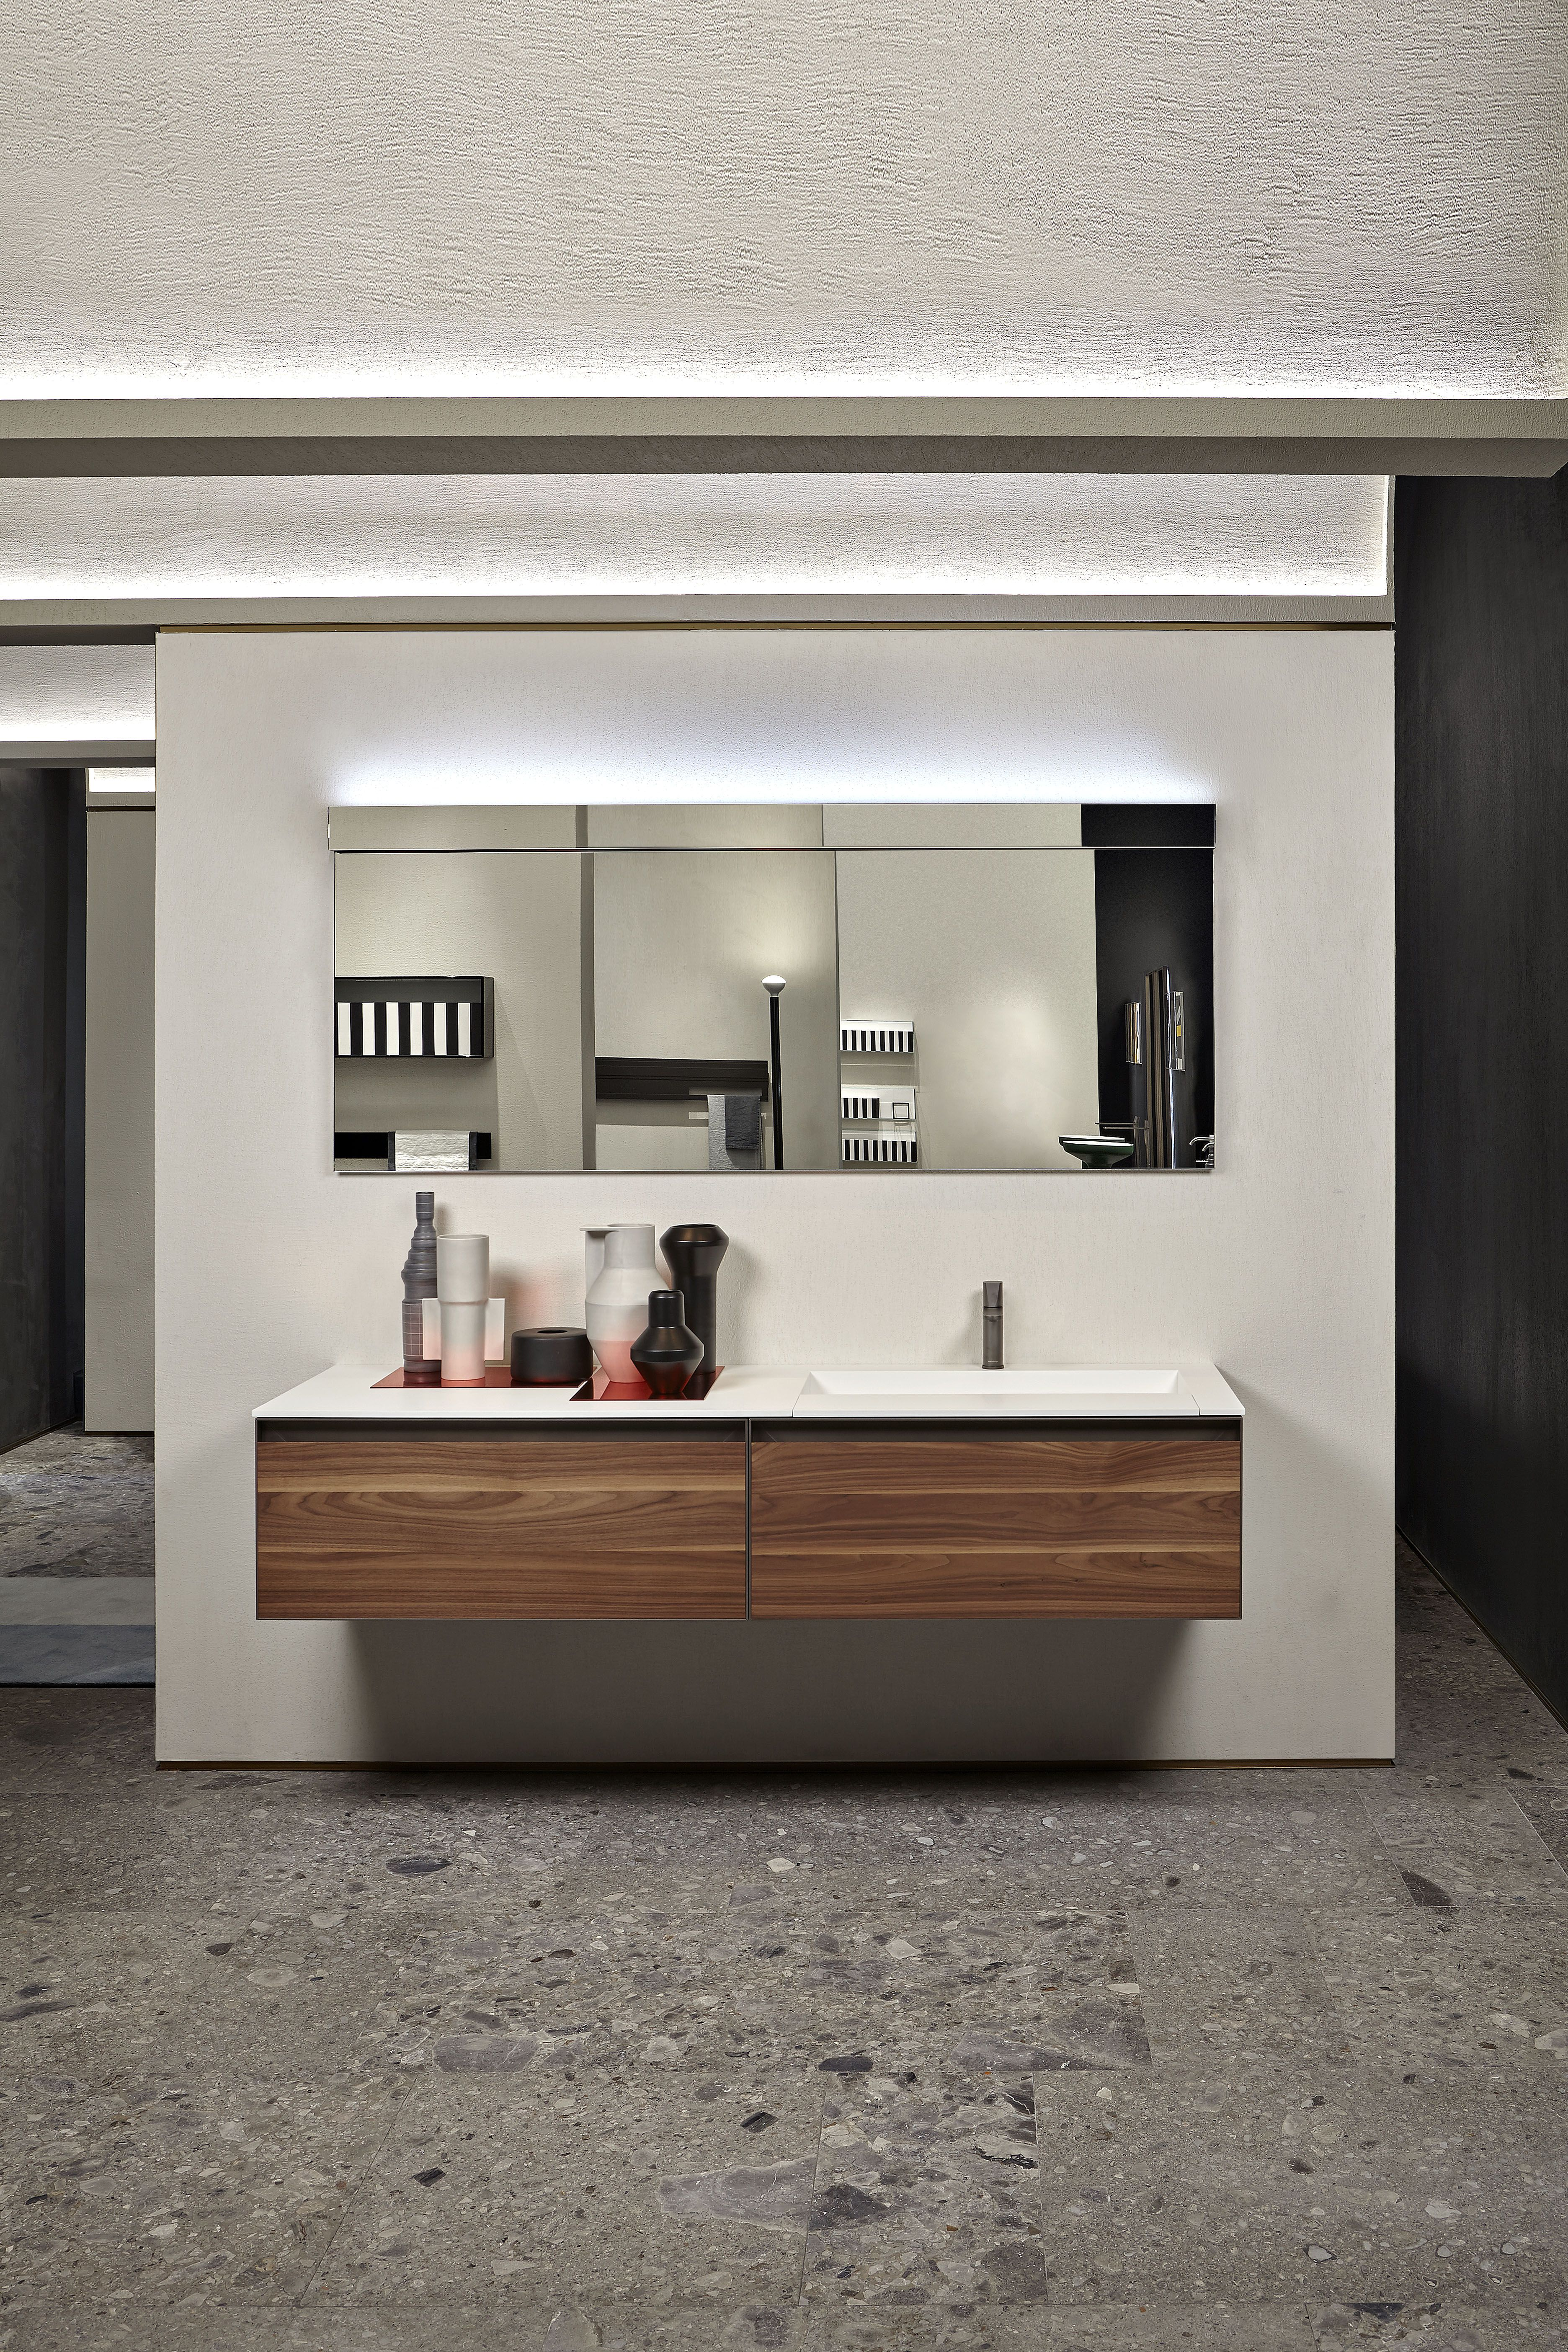 Atelier Is The New Antoniolupi Collection Designed By Mario Ferrarini Mit Bildern Badezimmer Zimmer Baden